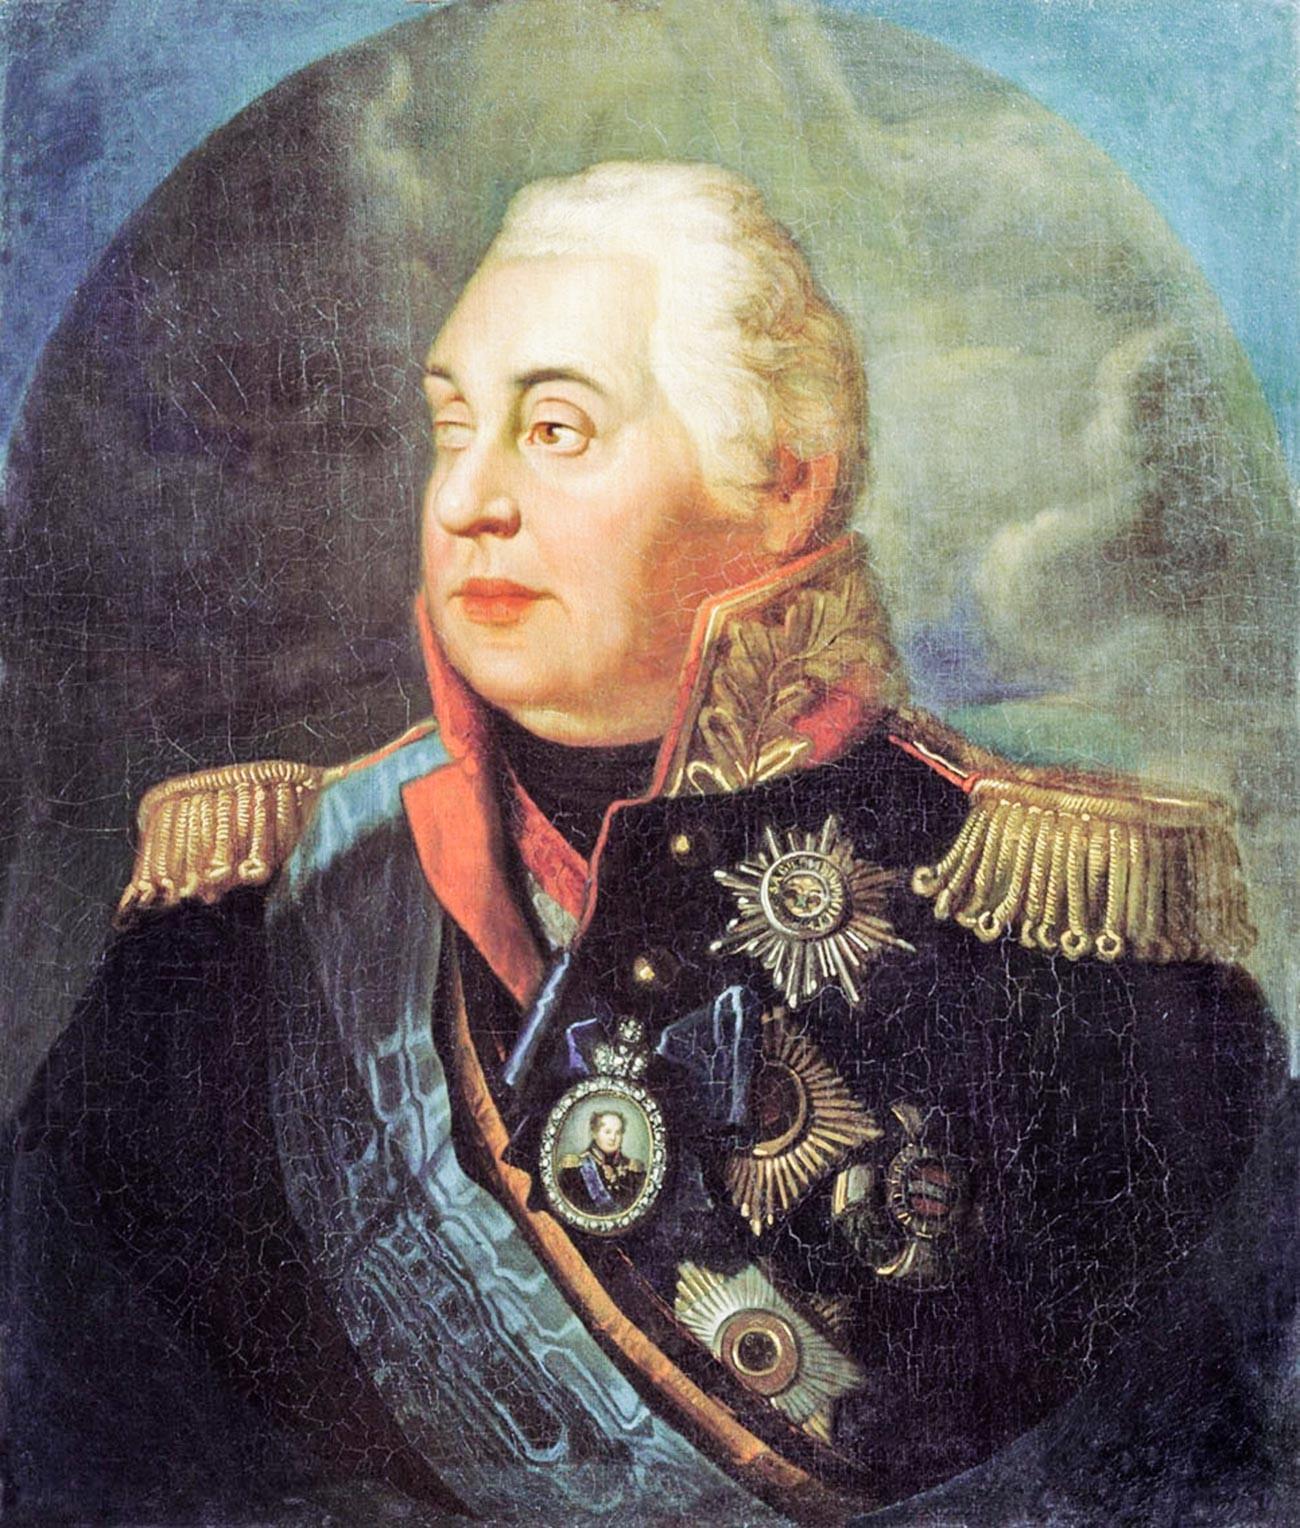 Портрет на рускиот фелдмаршал М.И. Кутузов.